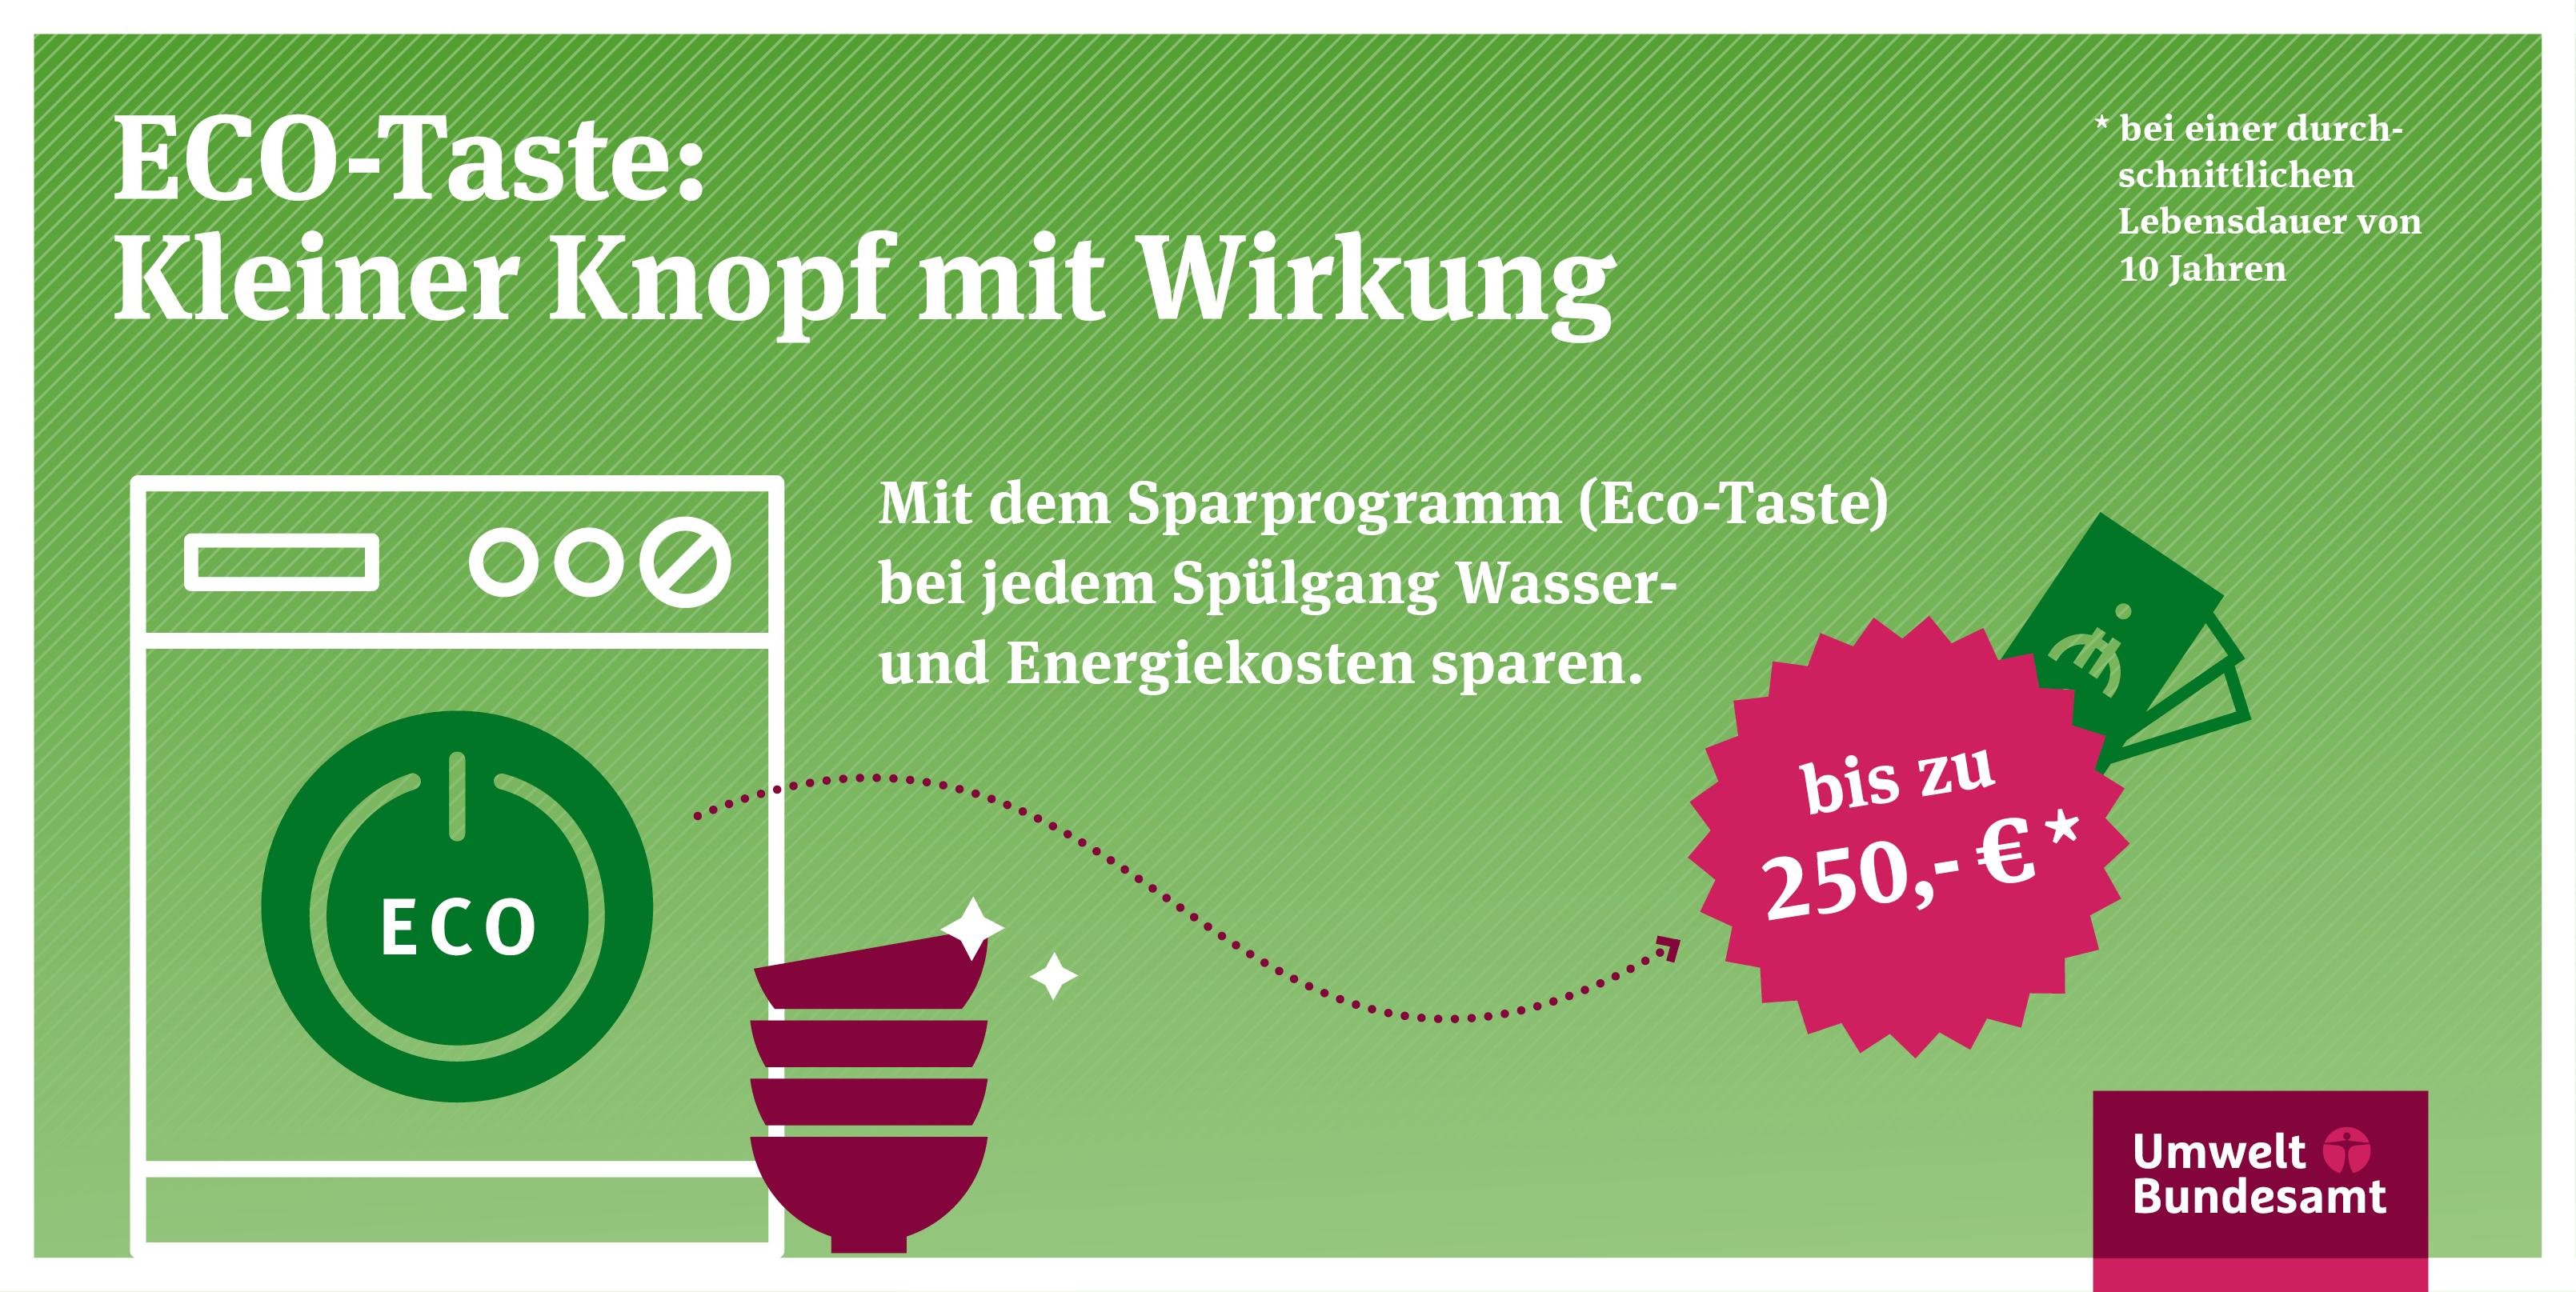 Mit dem Sparprogramm (Eco-Taste) bei jedem Spülgang Wasser und Energiesparen